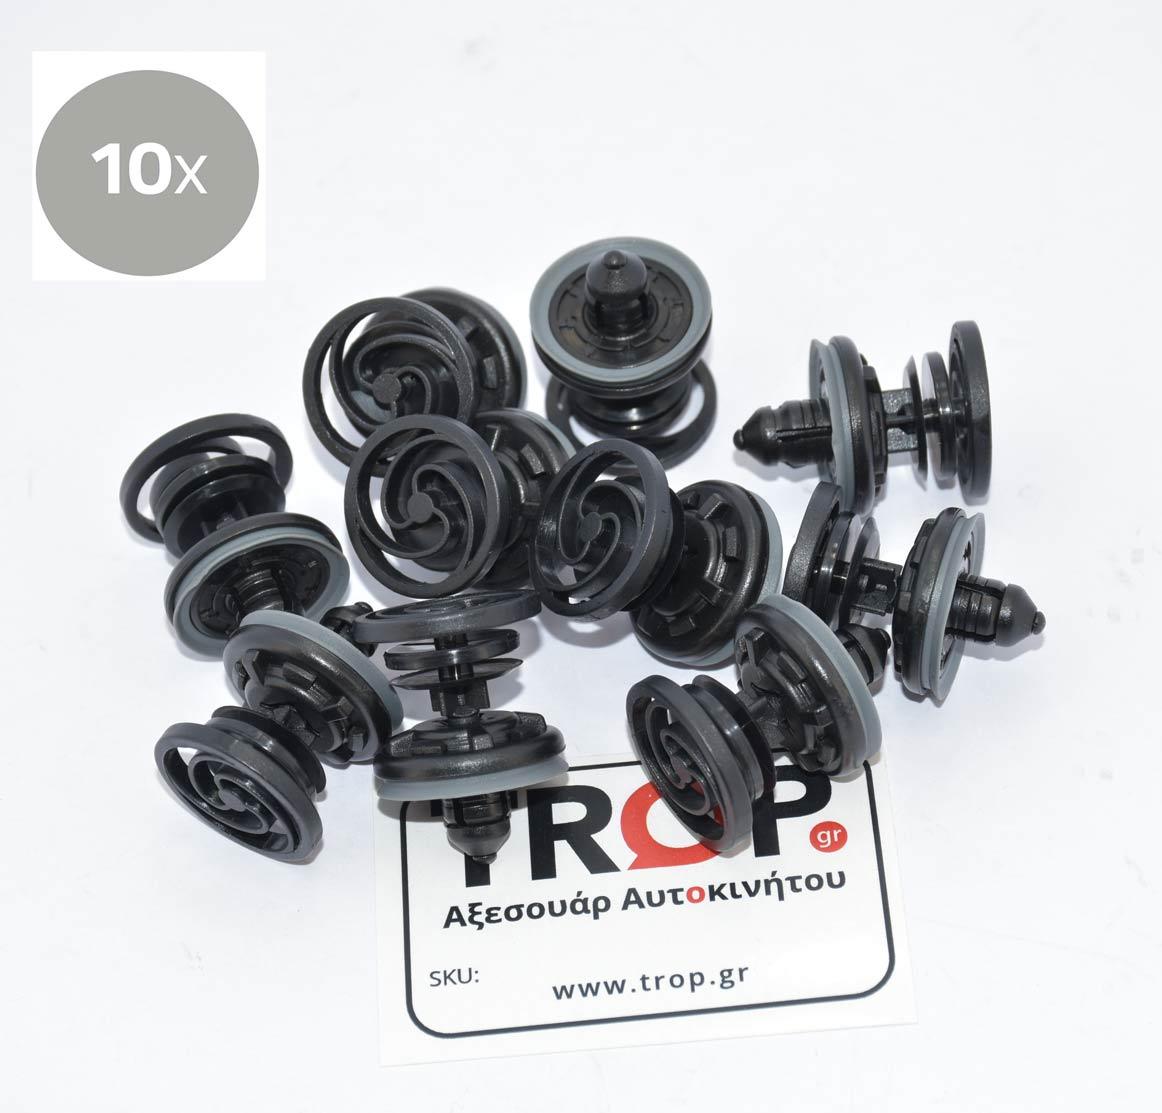 10 τμχ Κλιπσάκια Ταπετσαρίας για Seat, Skoda, Audi και VW -7l6868243 - Φωτογραφία TROP.gr